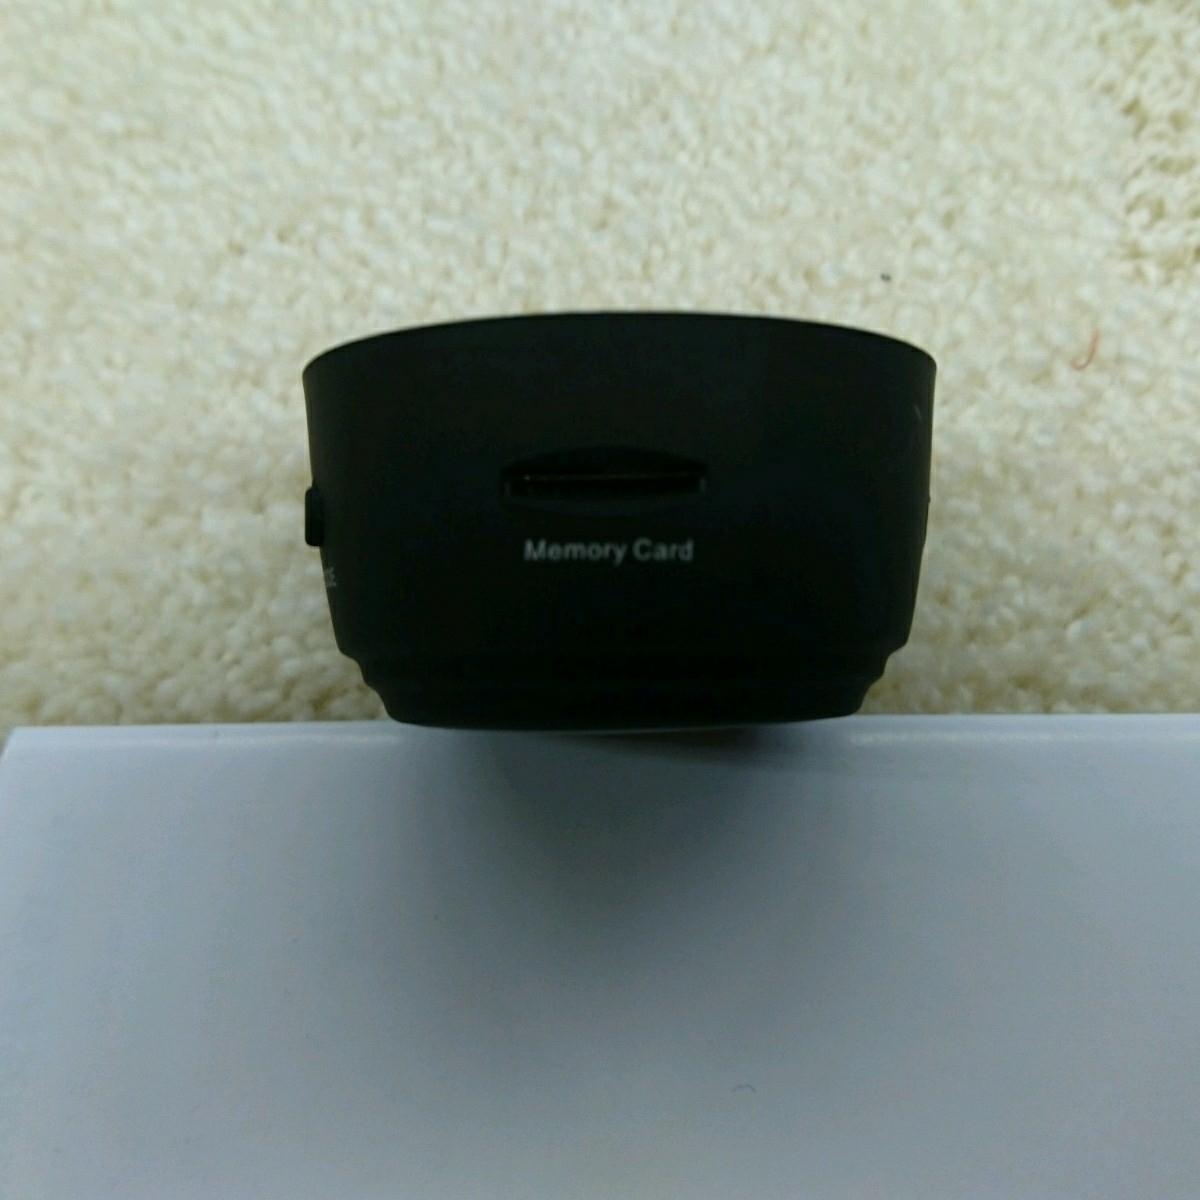 ☆極美品☆ 超小型カメラ 150°広角 1080P高画質 WiFi 動体検知 暗視撮影 遠隔監視 防犯 会議の記録 赤ちゃんやペットの監視等に_画像4